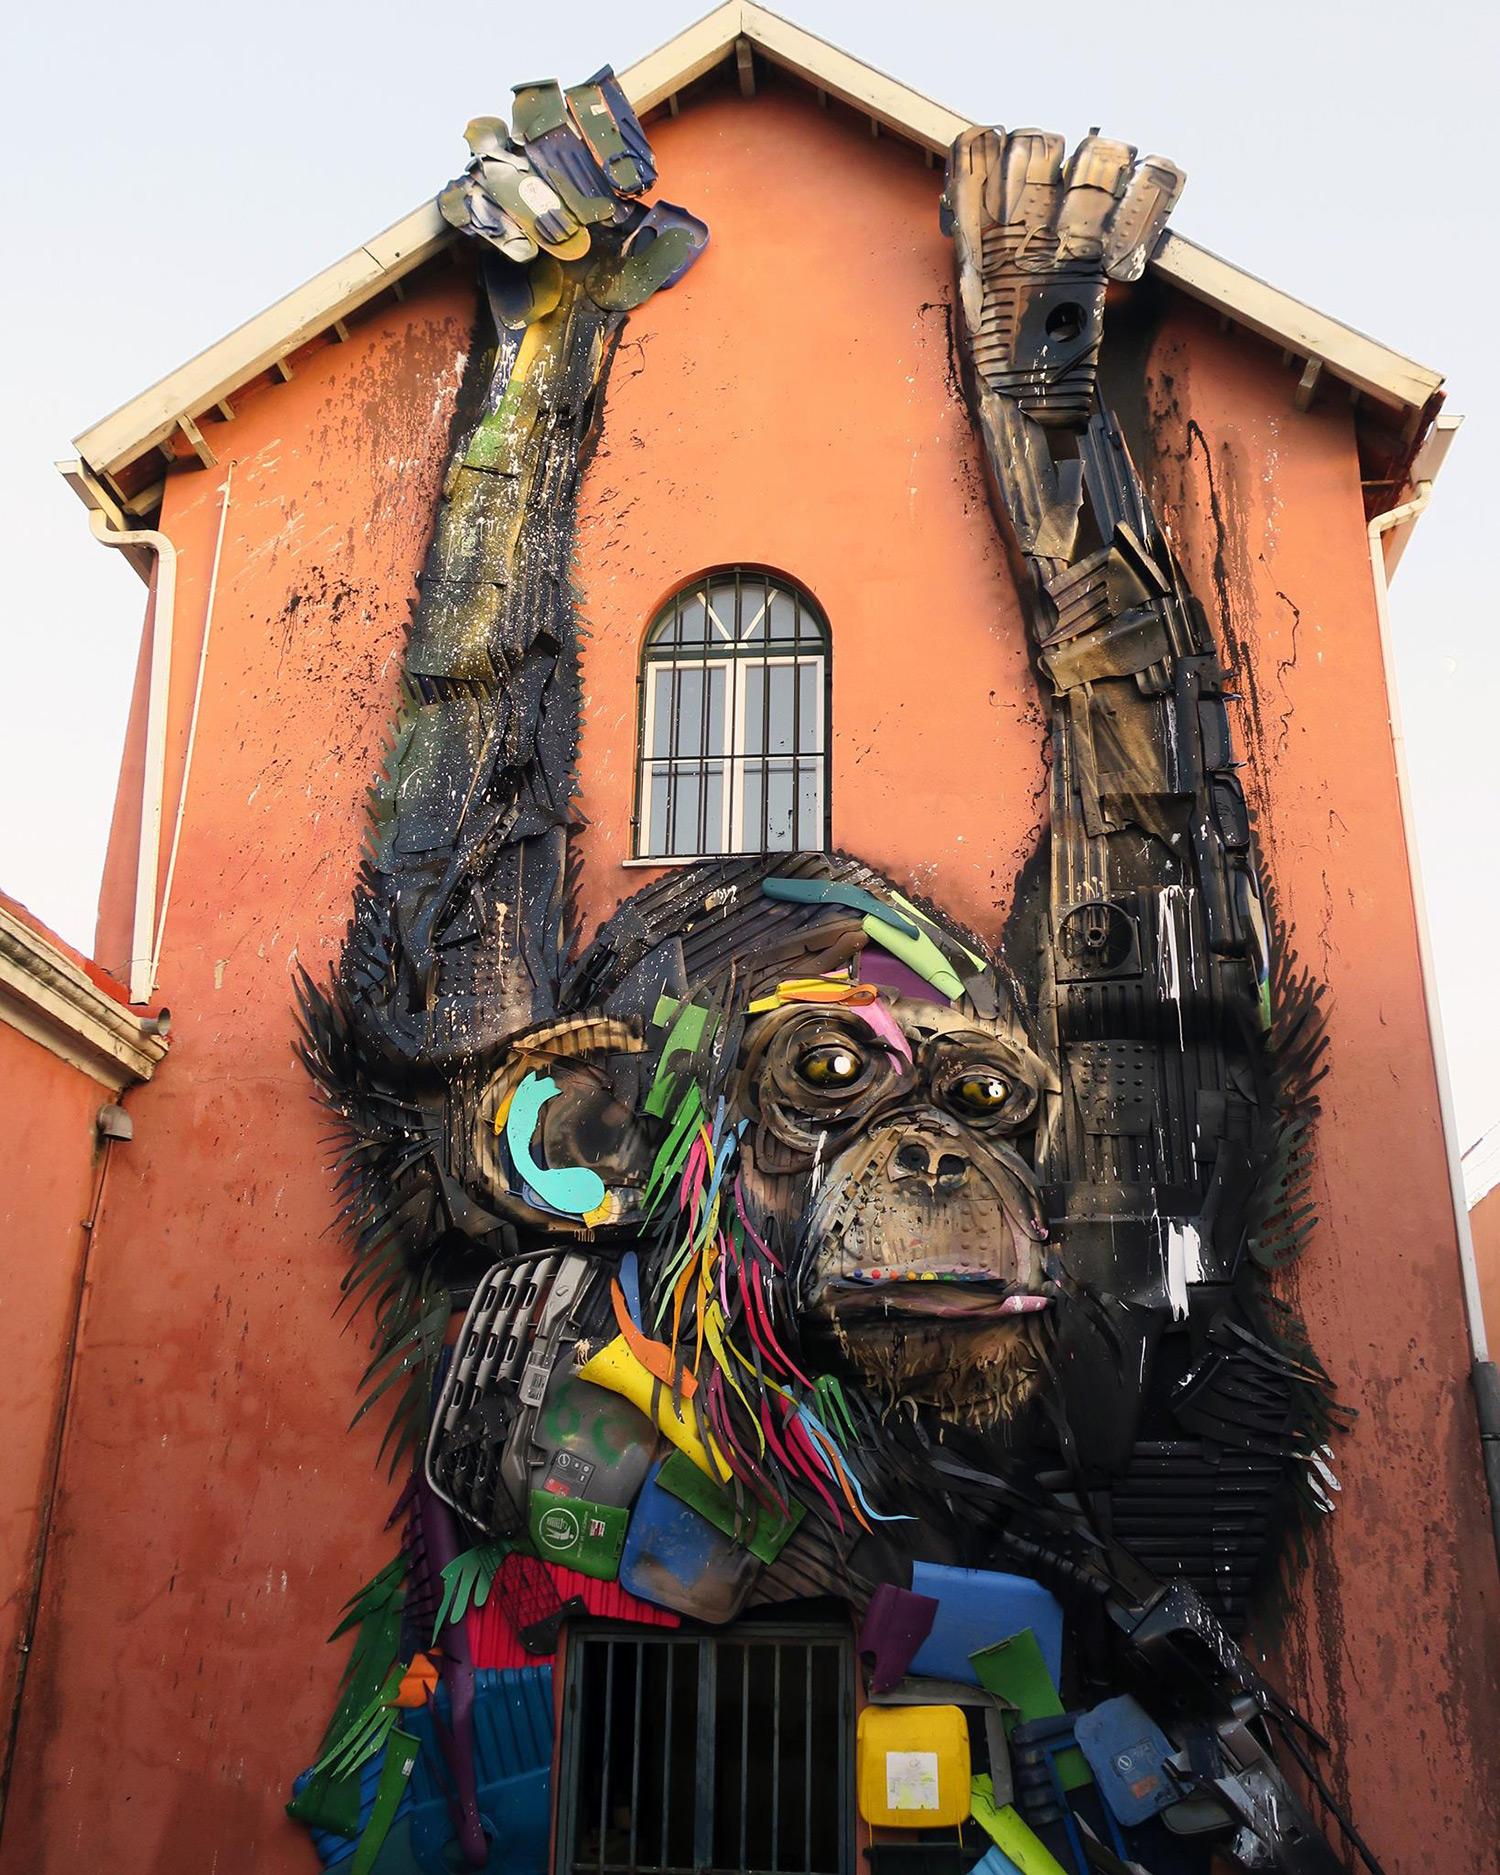 החיות שמייצר מזבל, אמן הרחוב Bordalo II